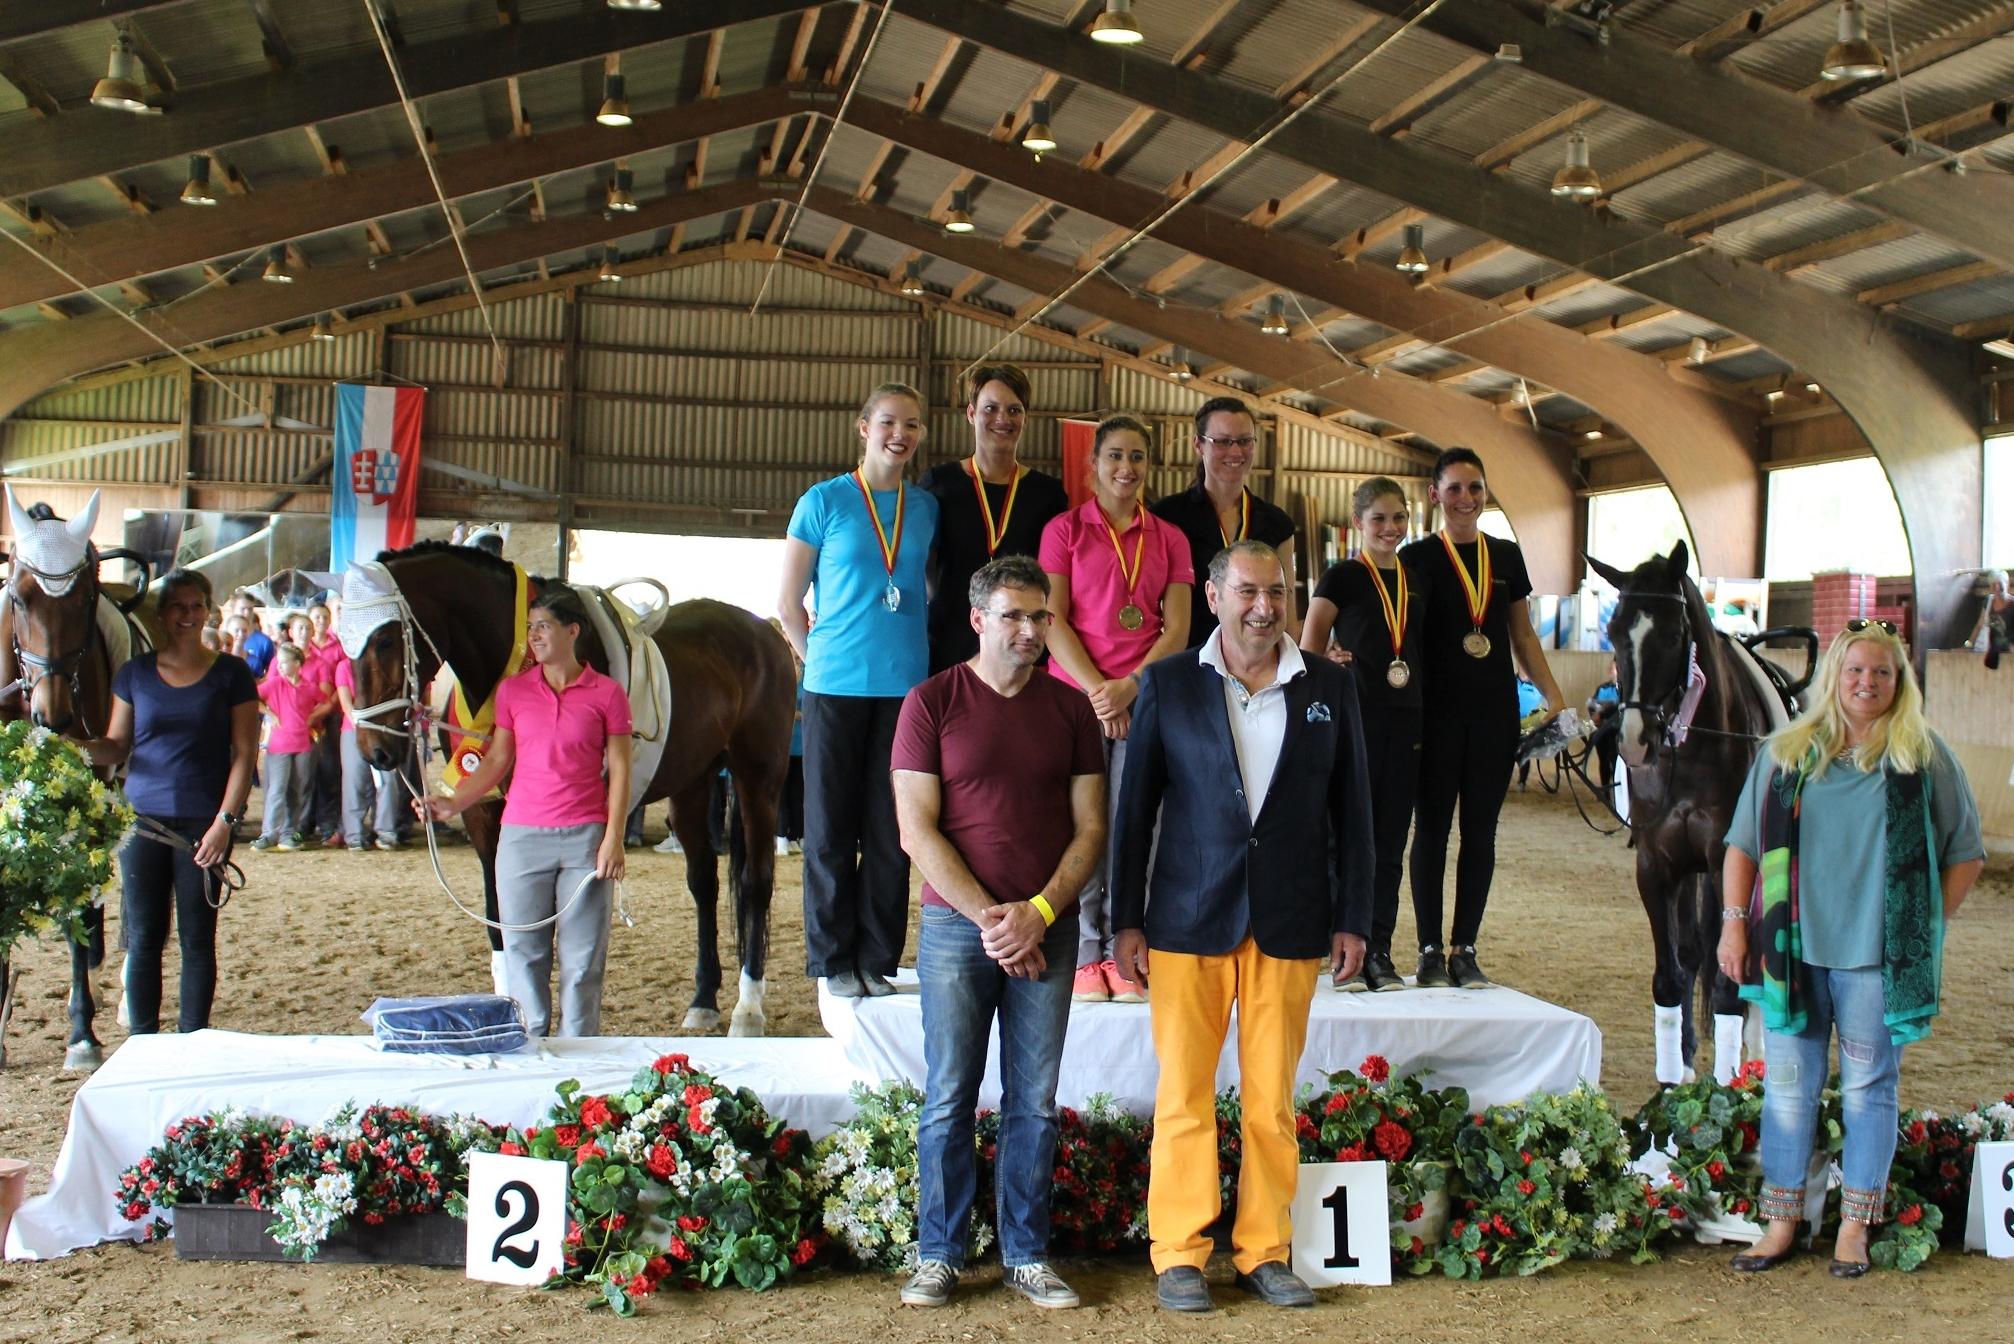 Schwäbische Meisterin Junior-Einzel: 1. Sema Hornberg, 2. Pia Loritz, 3. Zoé Spreng